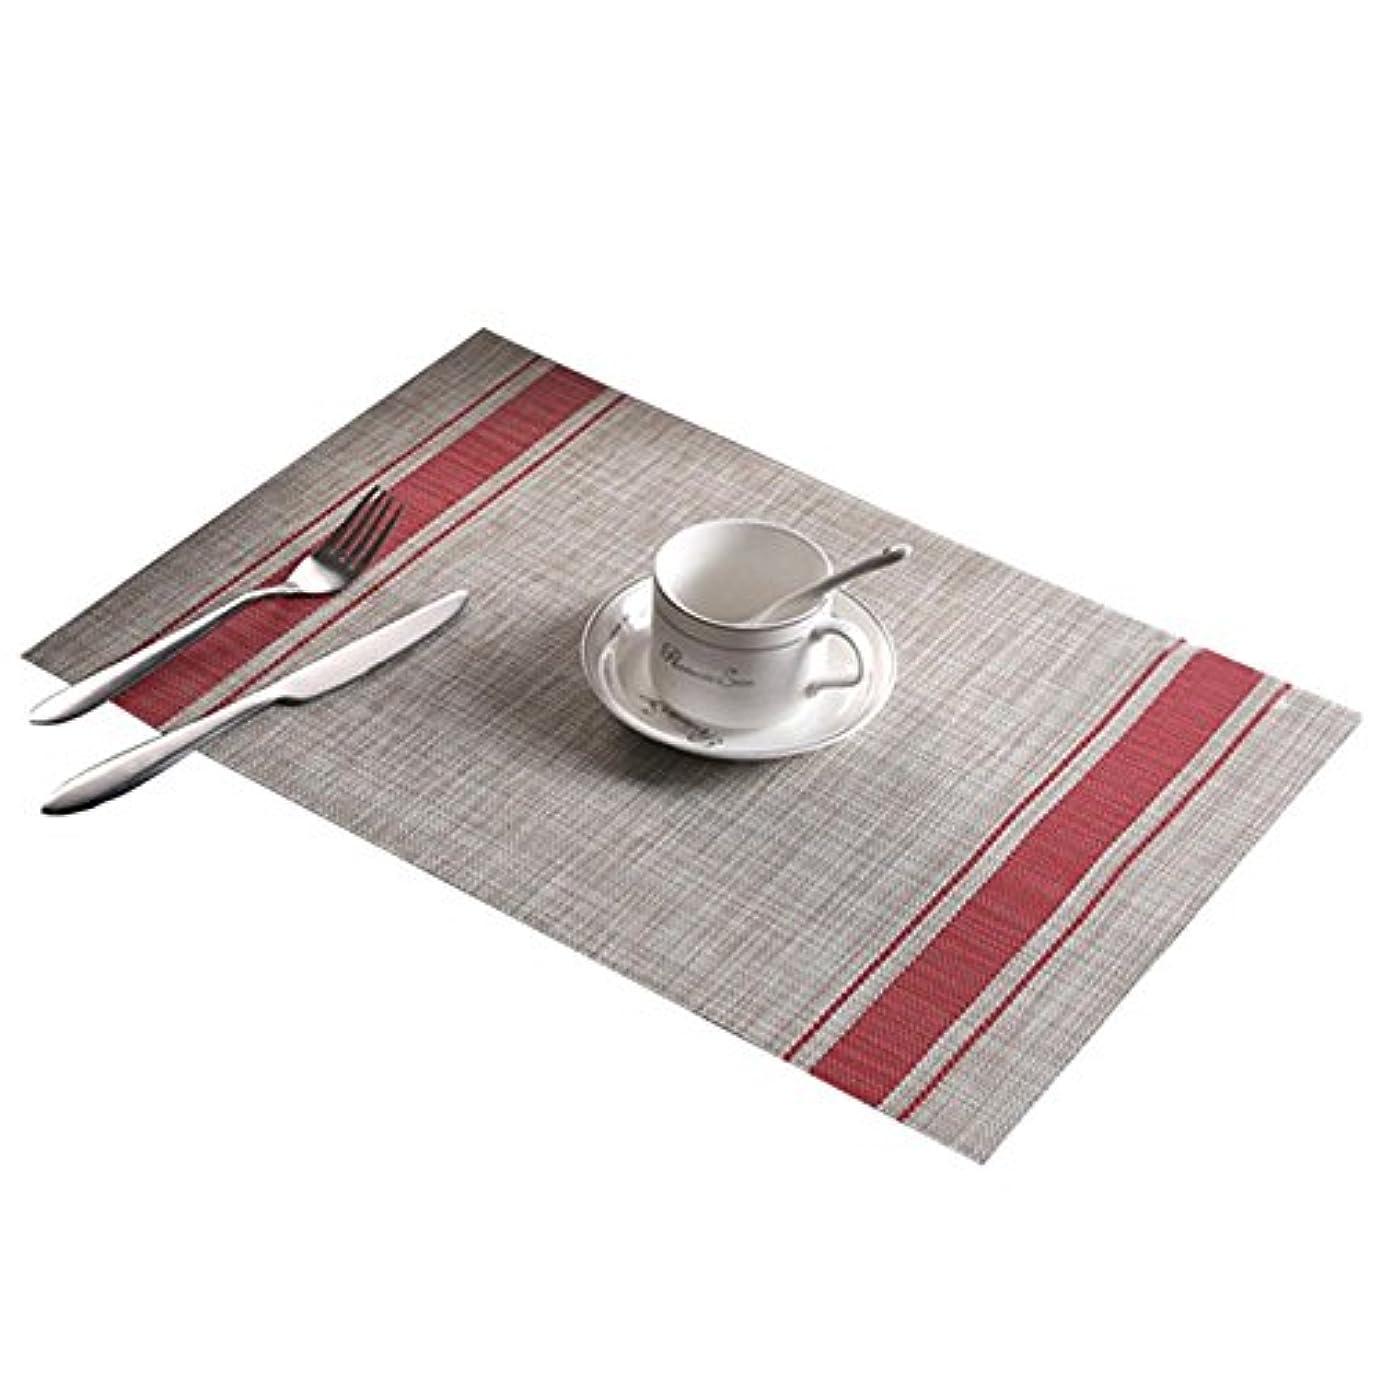 読み書きのできない座標シャーYideaHomeプレースマット テーブルマット 上品な雰囲気を演出 ランチョンマット 撥水 防汚 丸洗いOK お手入れ簡単 インテリア の敷物にも